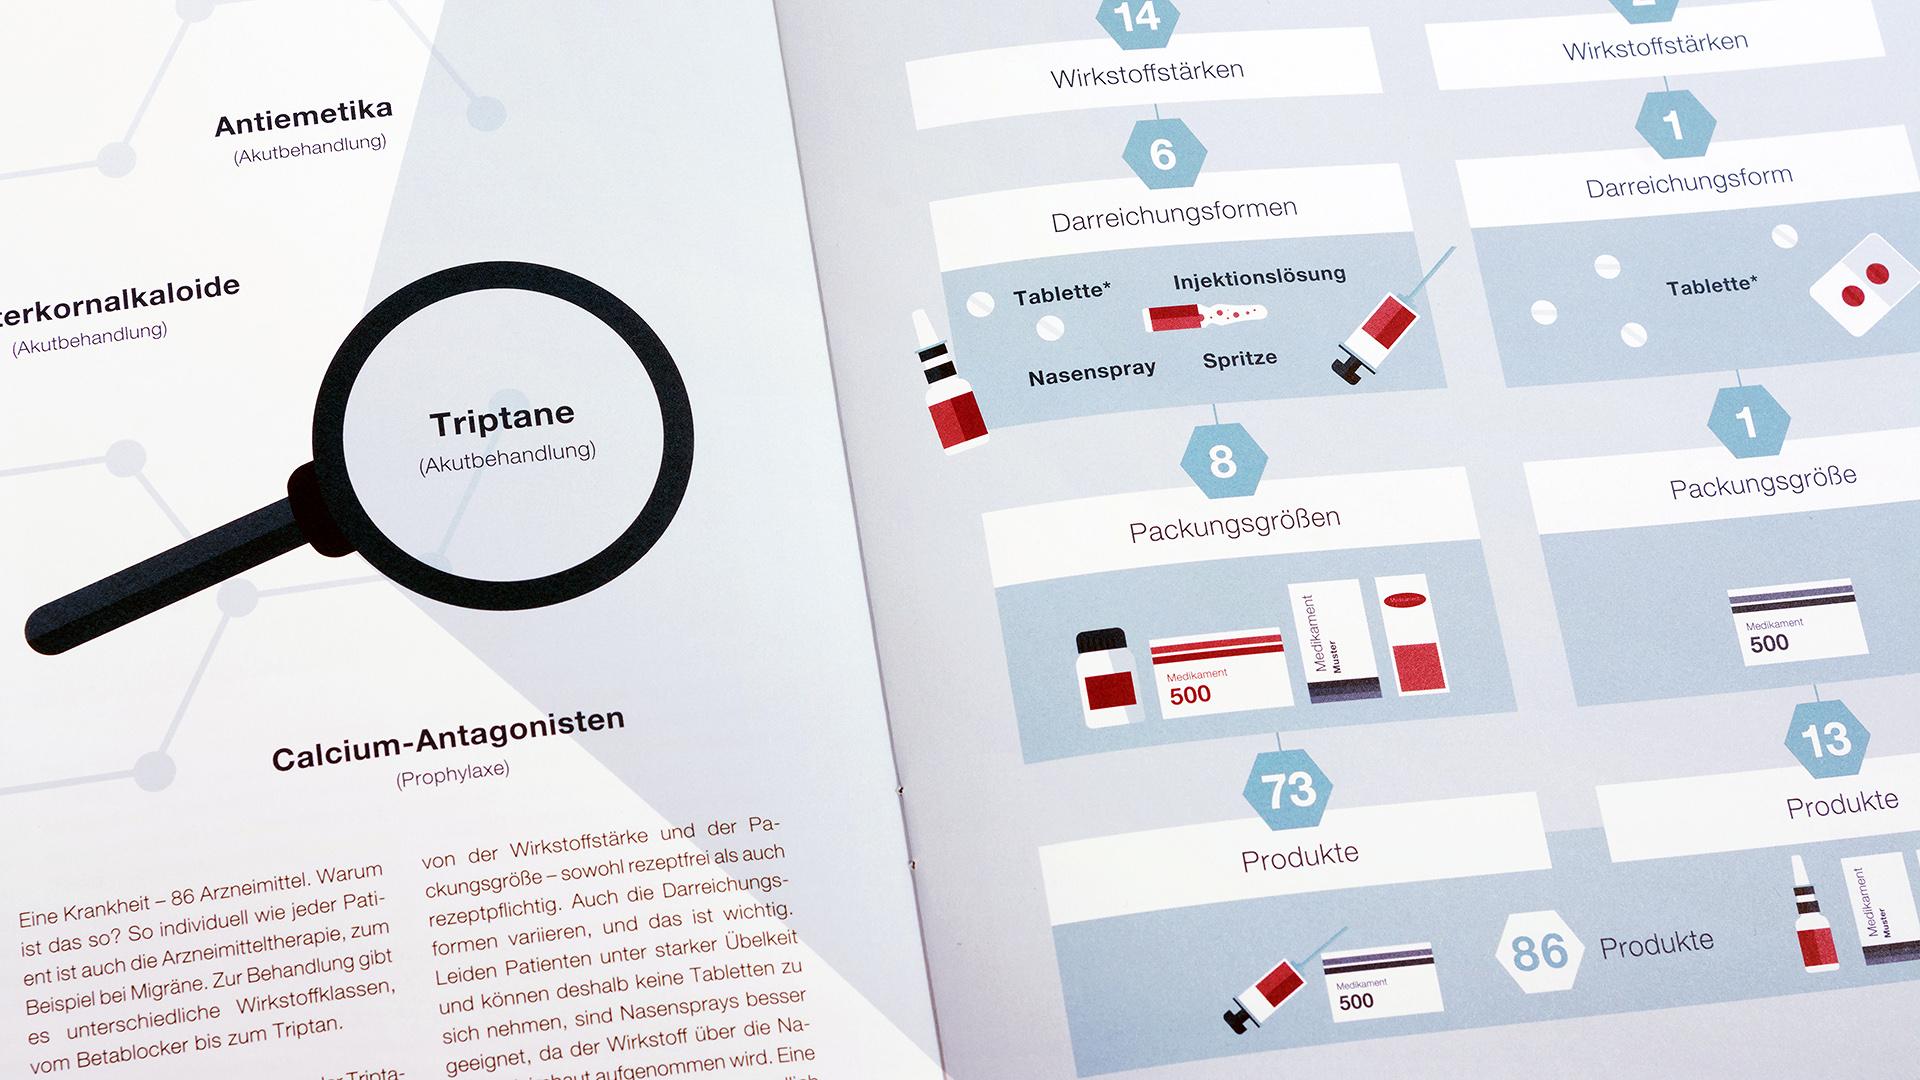 BAH Magazin Grafik zur Akutbehandlung